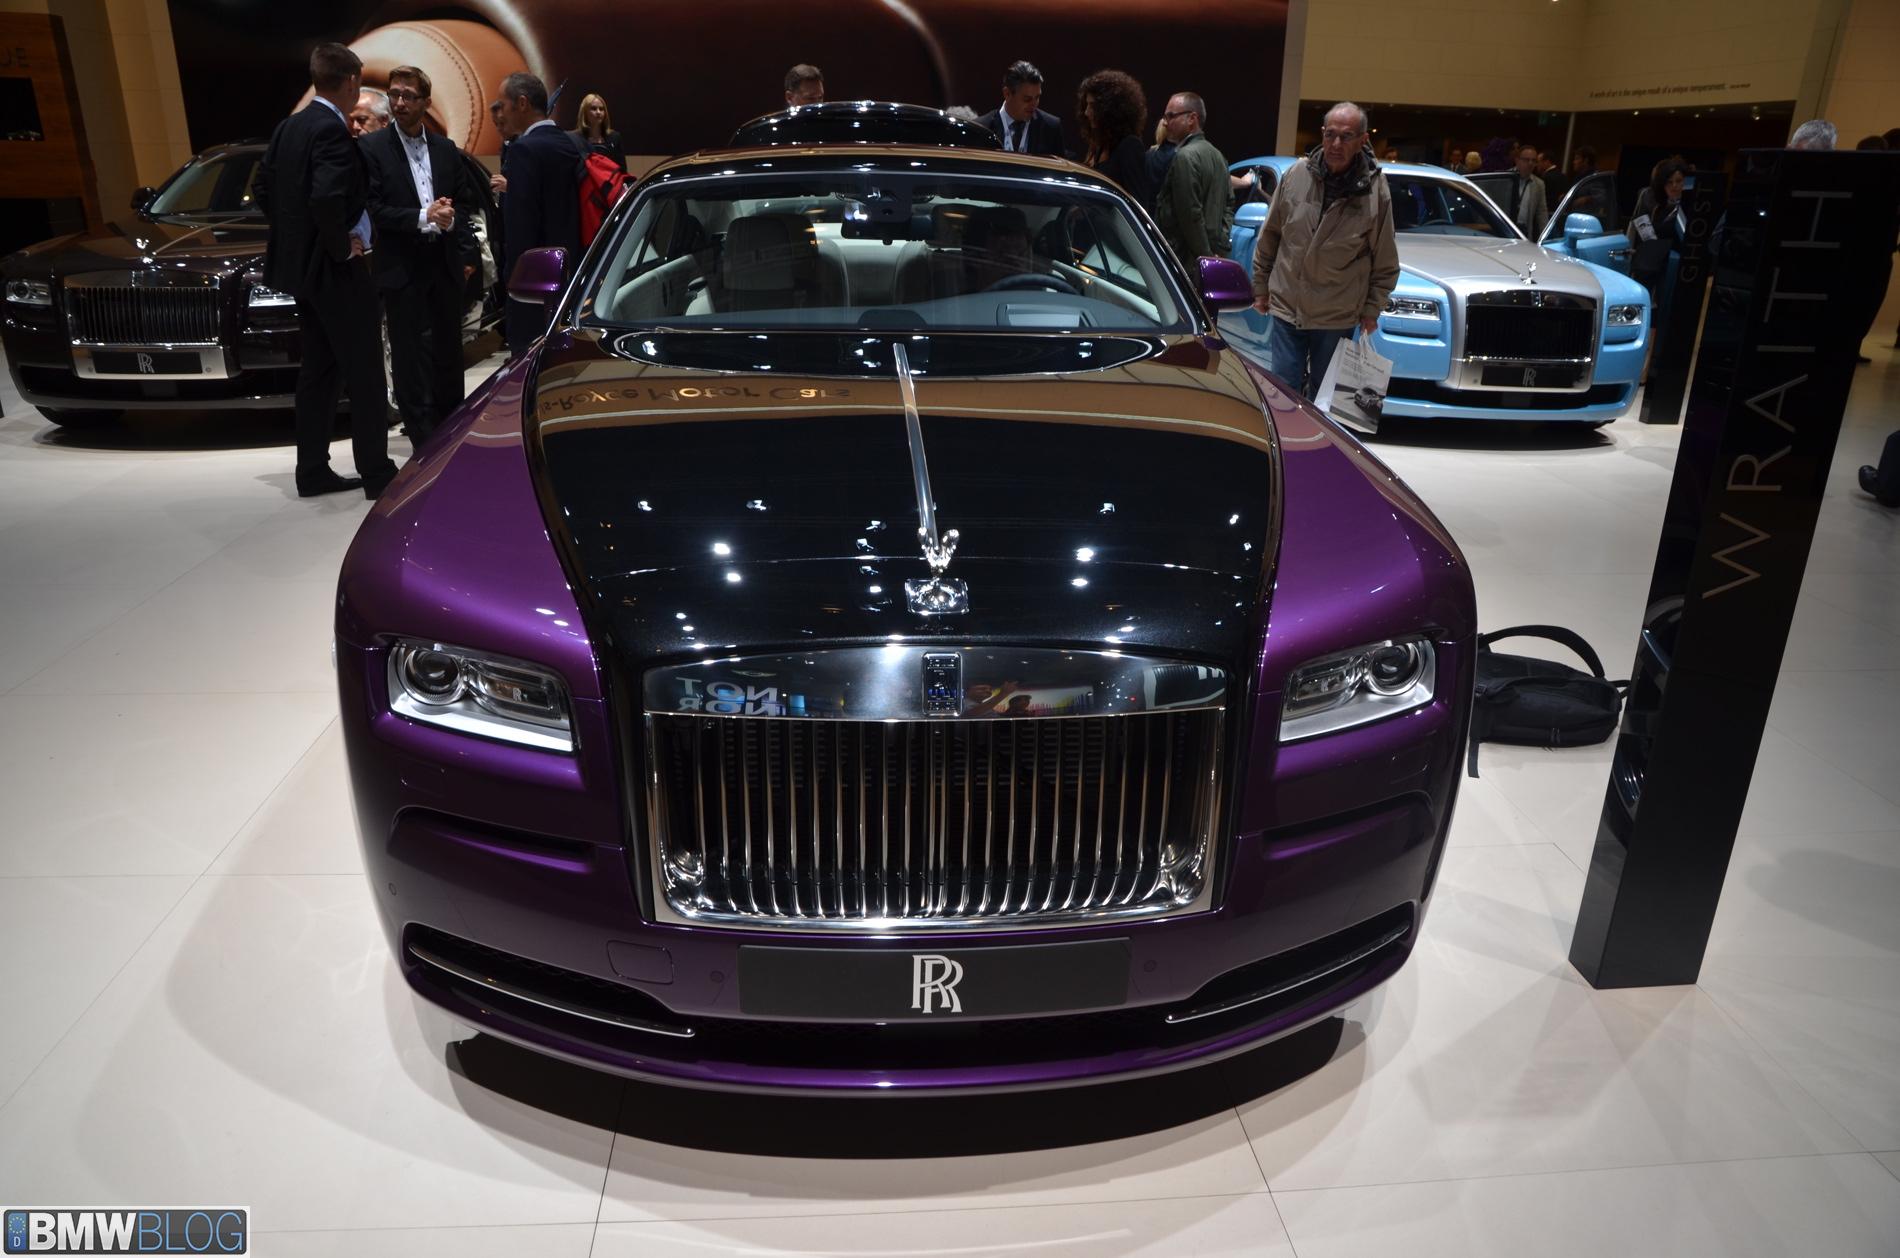 2013 Frankfurt Auto Show Rolls Royce Wraith And Celestial